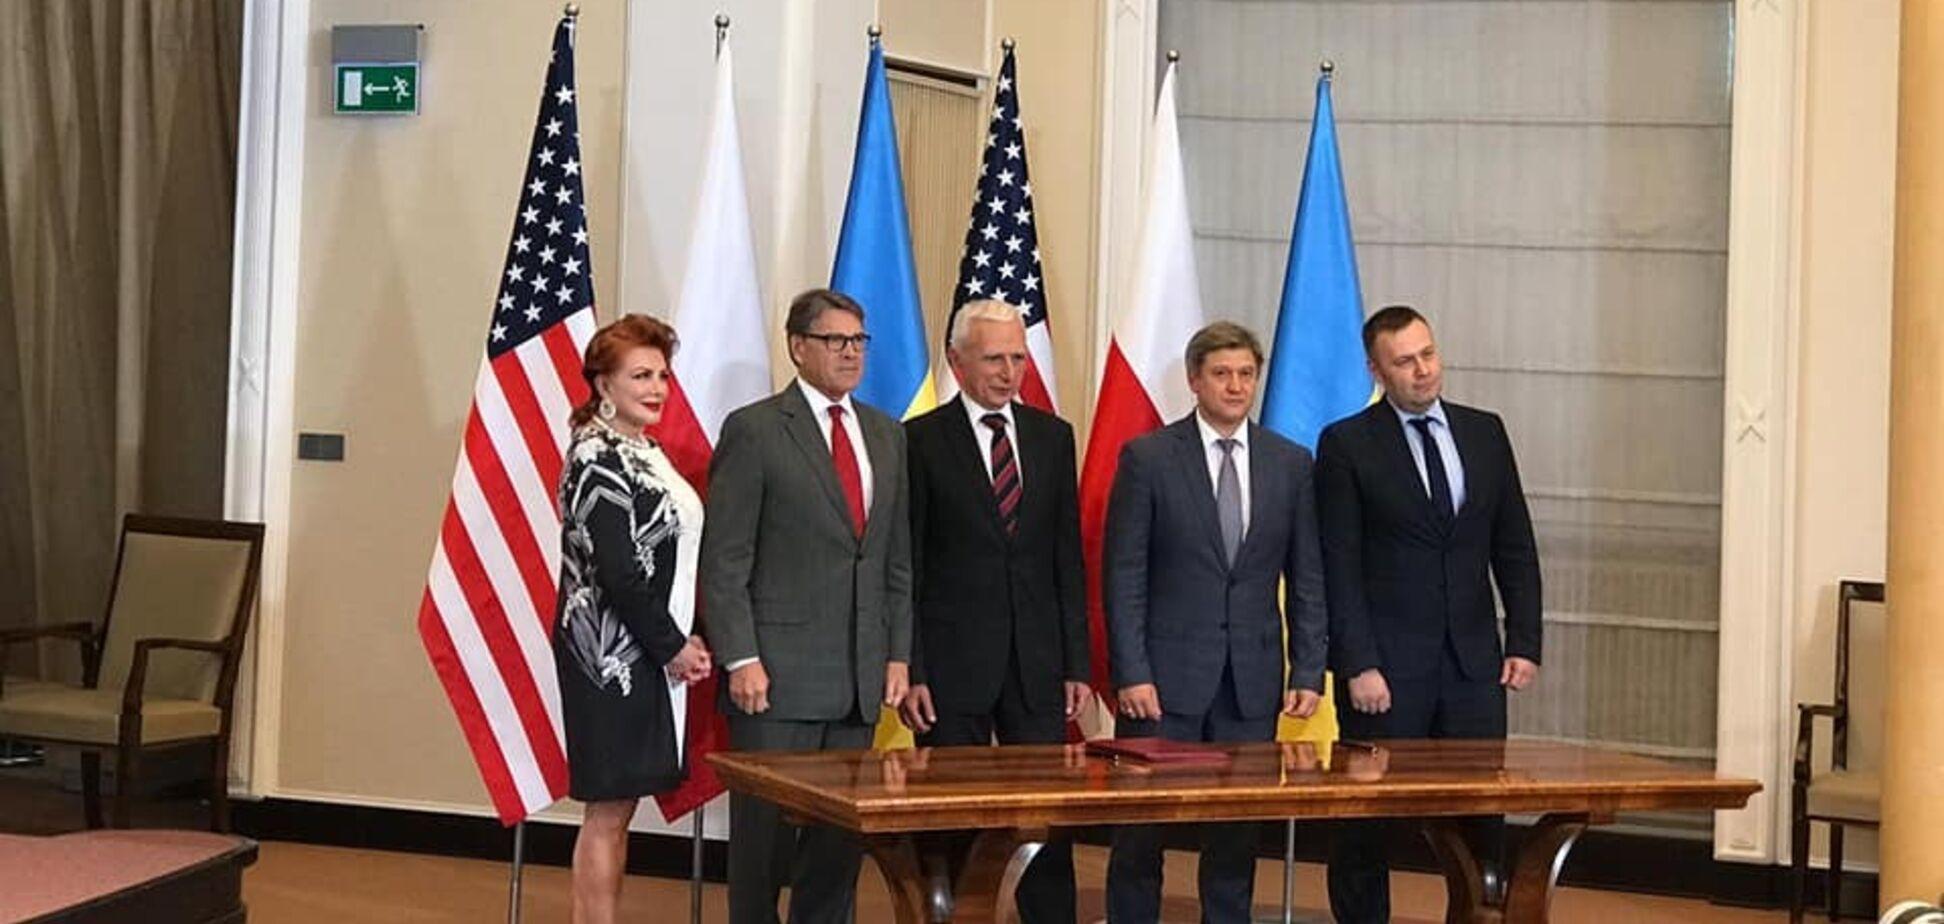 Украина подписала с Польшей и США важный меморандум: что известно